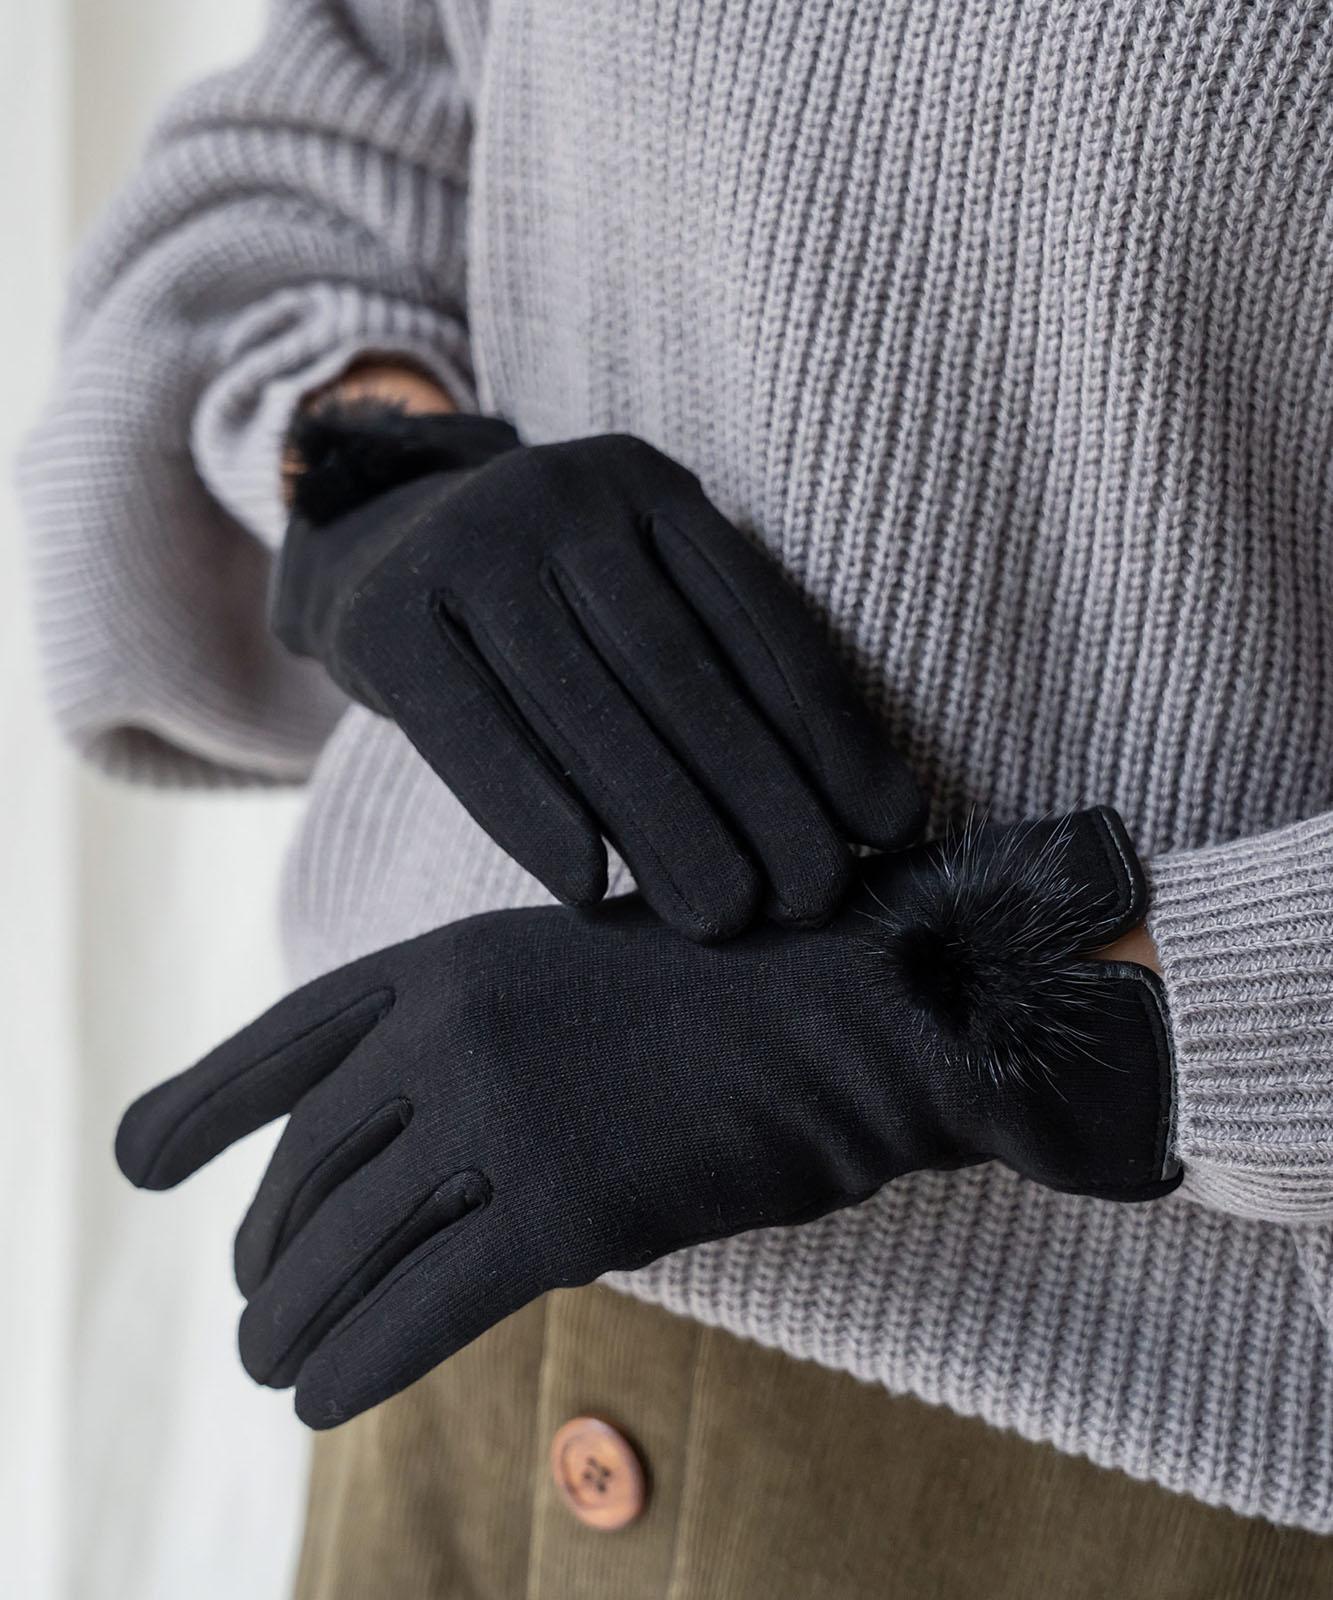 ミンクファー付きスマホ対応手袋(抗菌加工)